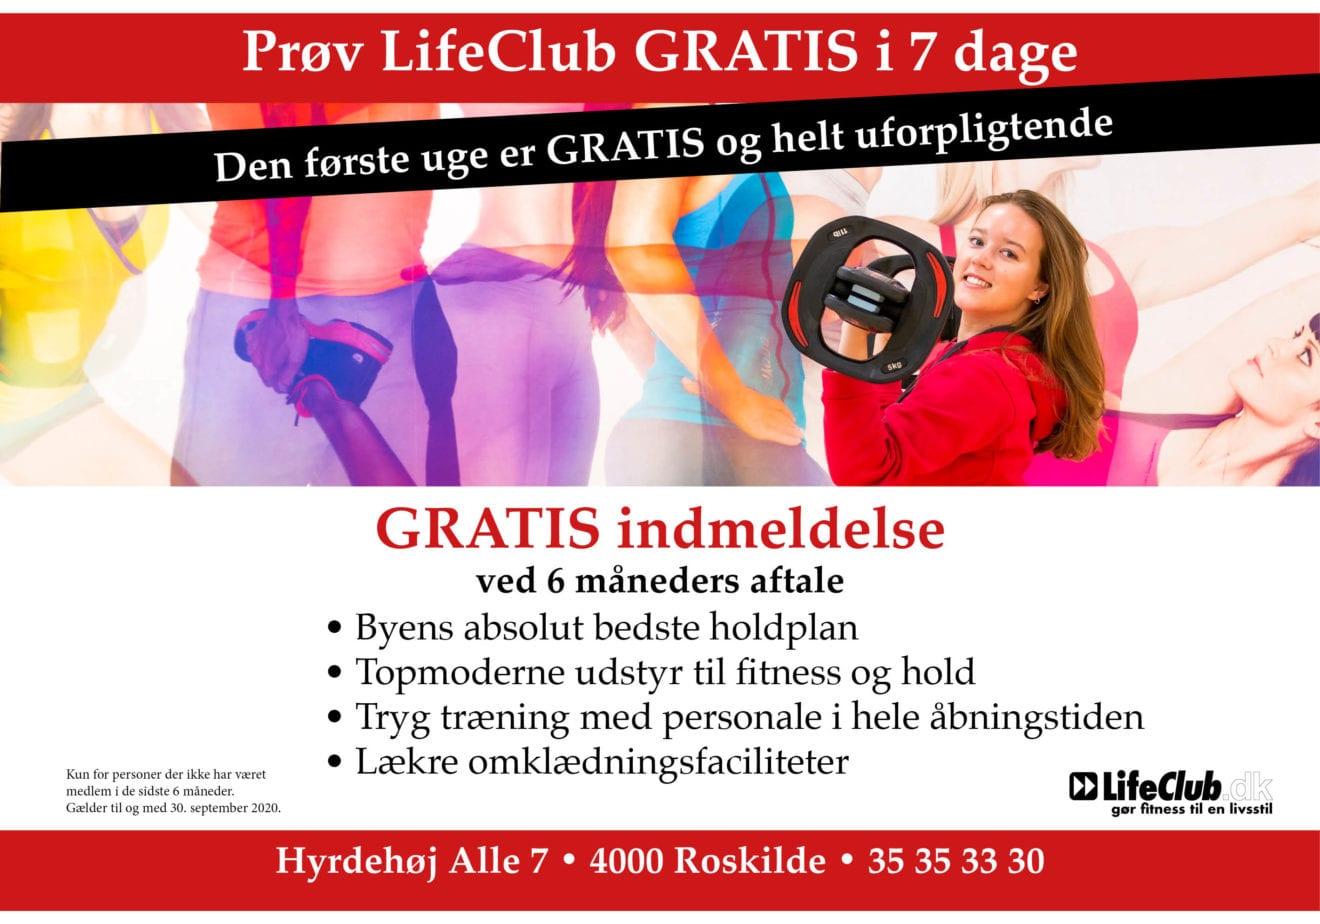 Træn en uge gratis i LifeClub i september